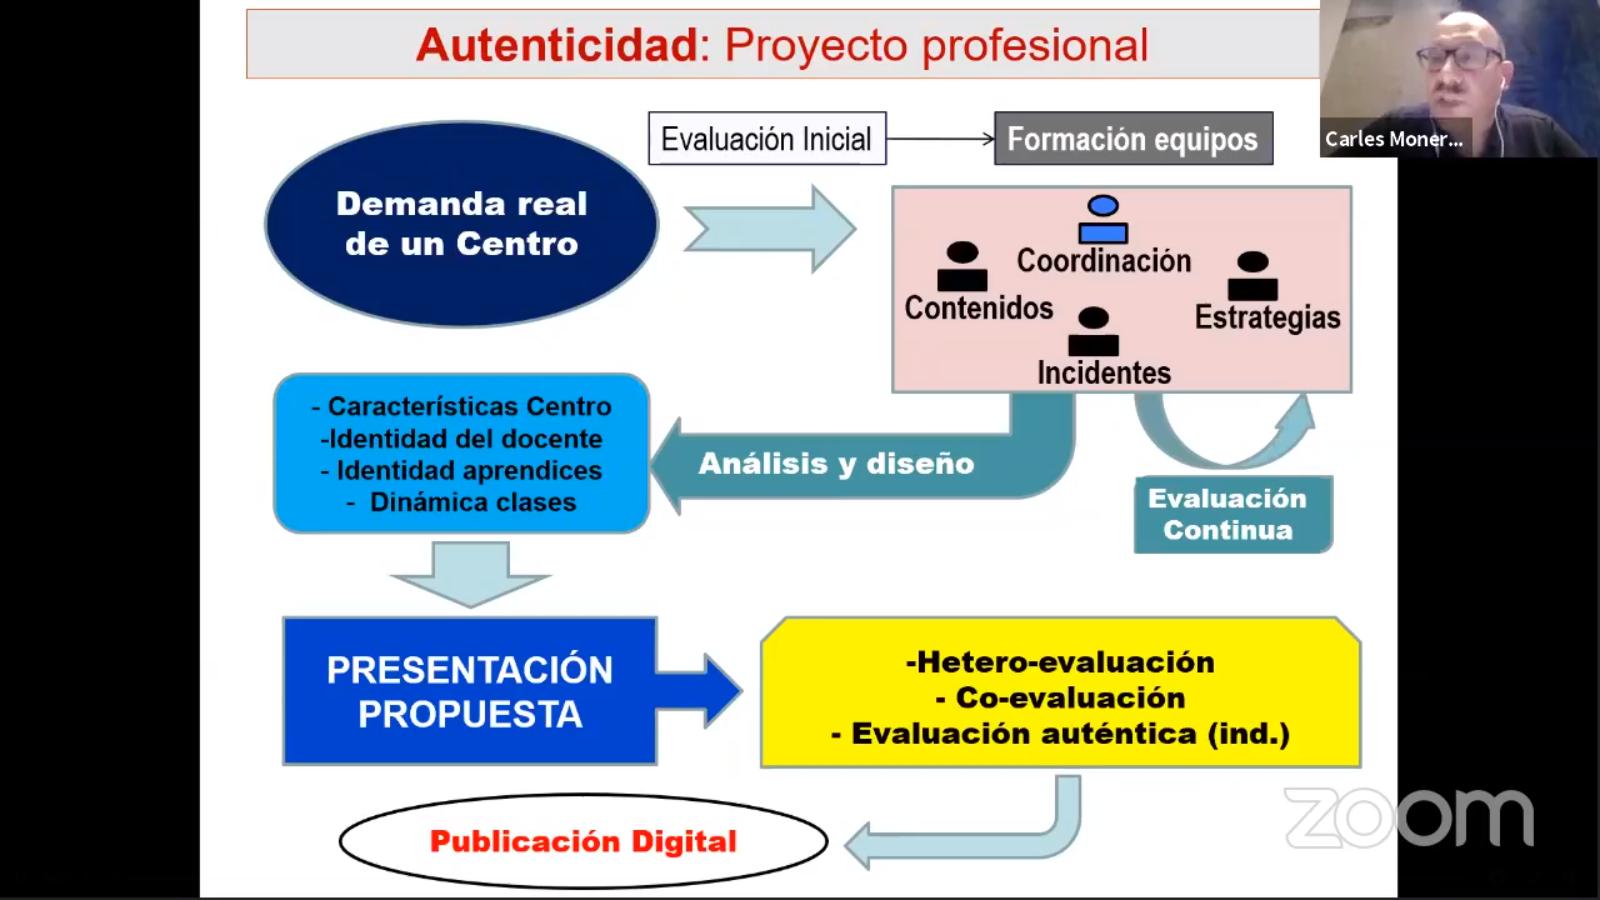 En webinar organizador por CUTonala, especialista de la Universidad Autónoma de Barcelona compartió nuevas técnicas de evaluación